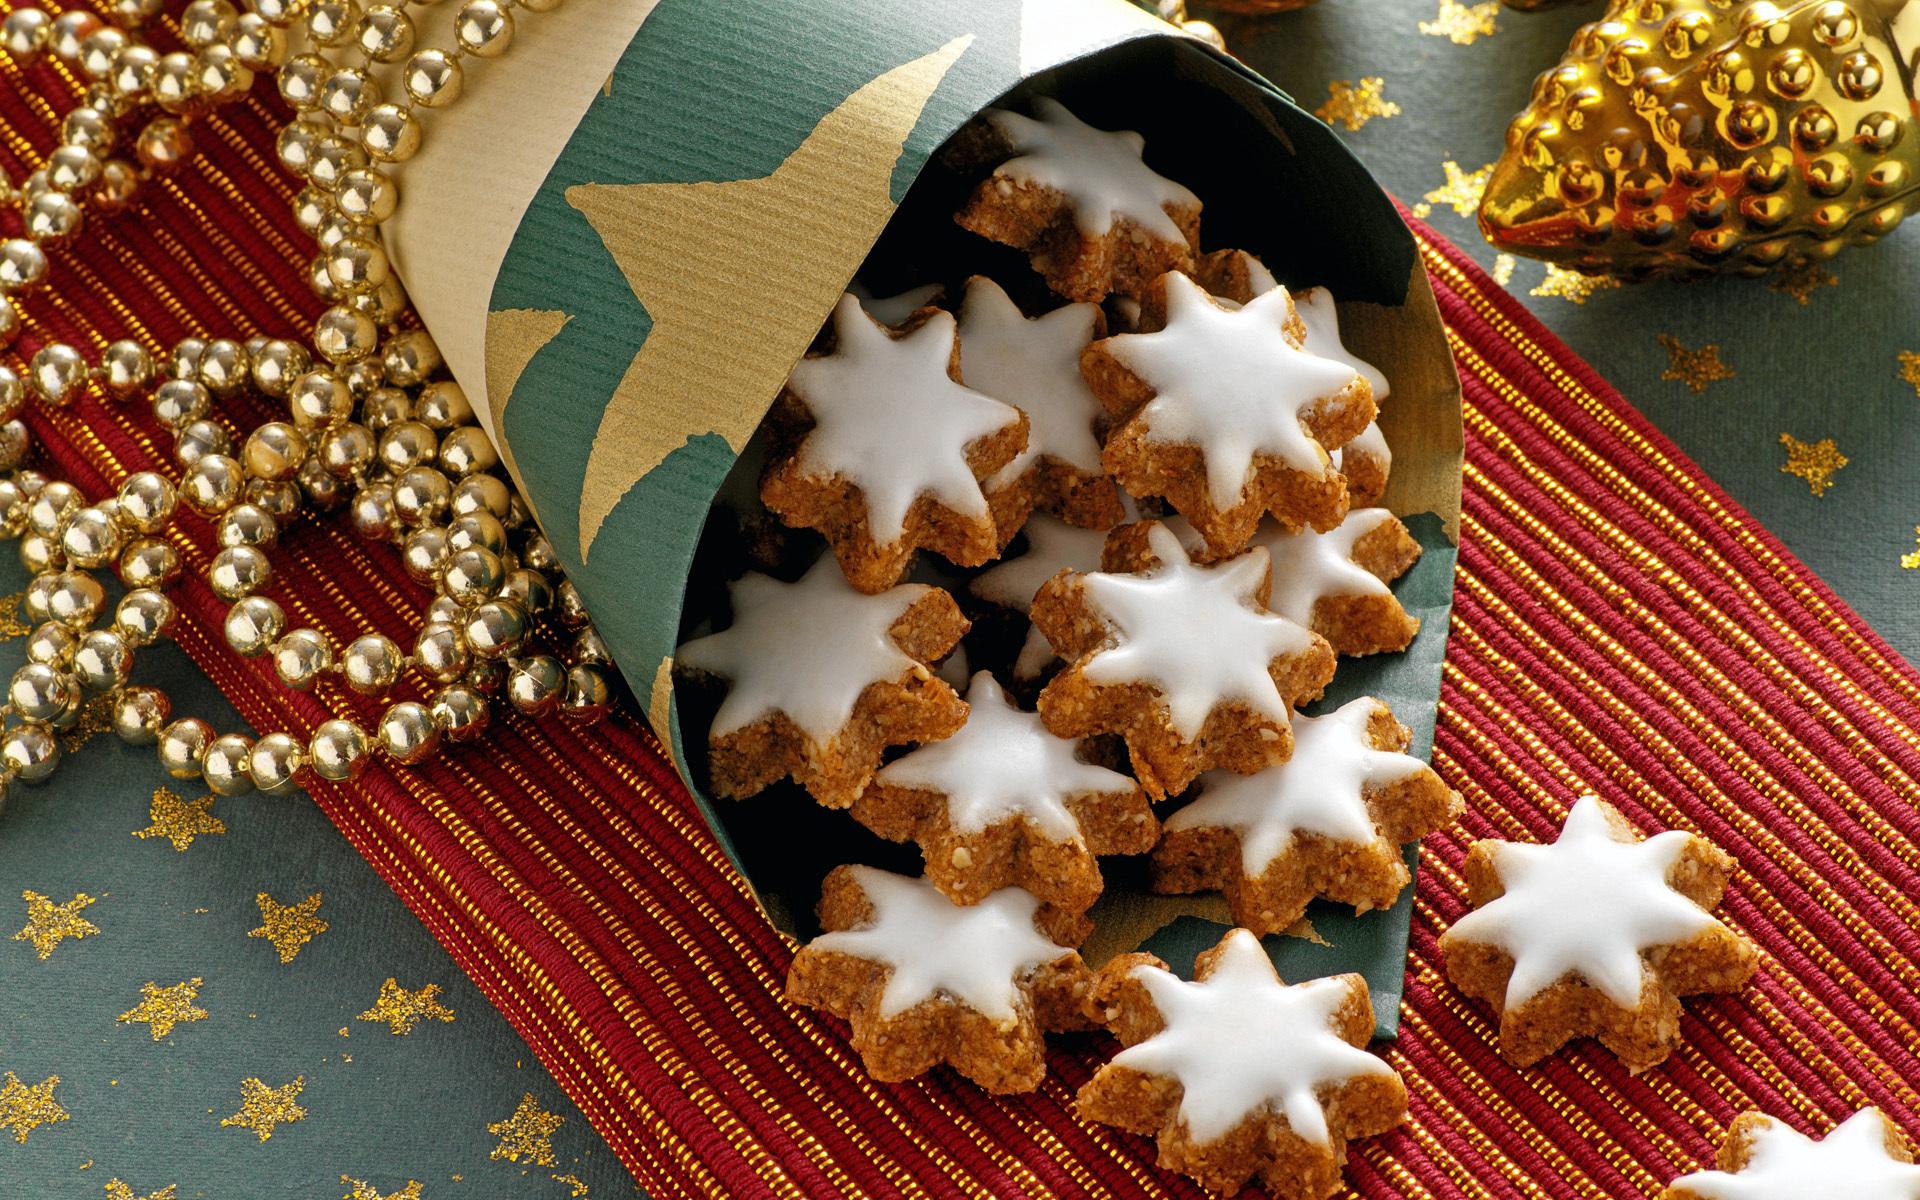 http://img2.goodfon.ru/original/1920x1200/b/60/pechene-novogodnee-vypechka.jpg